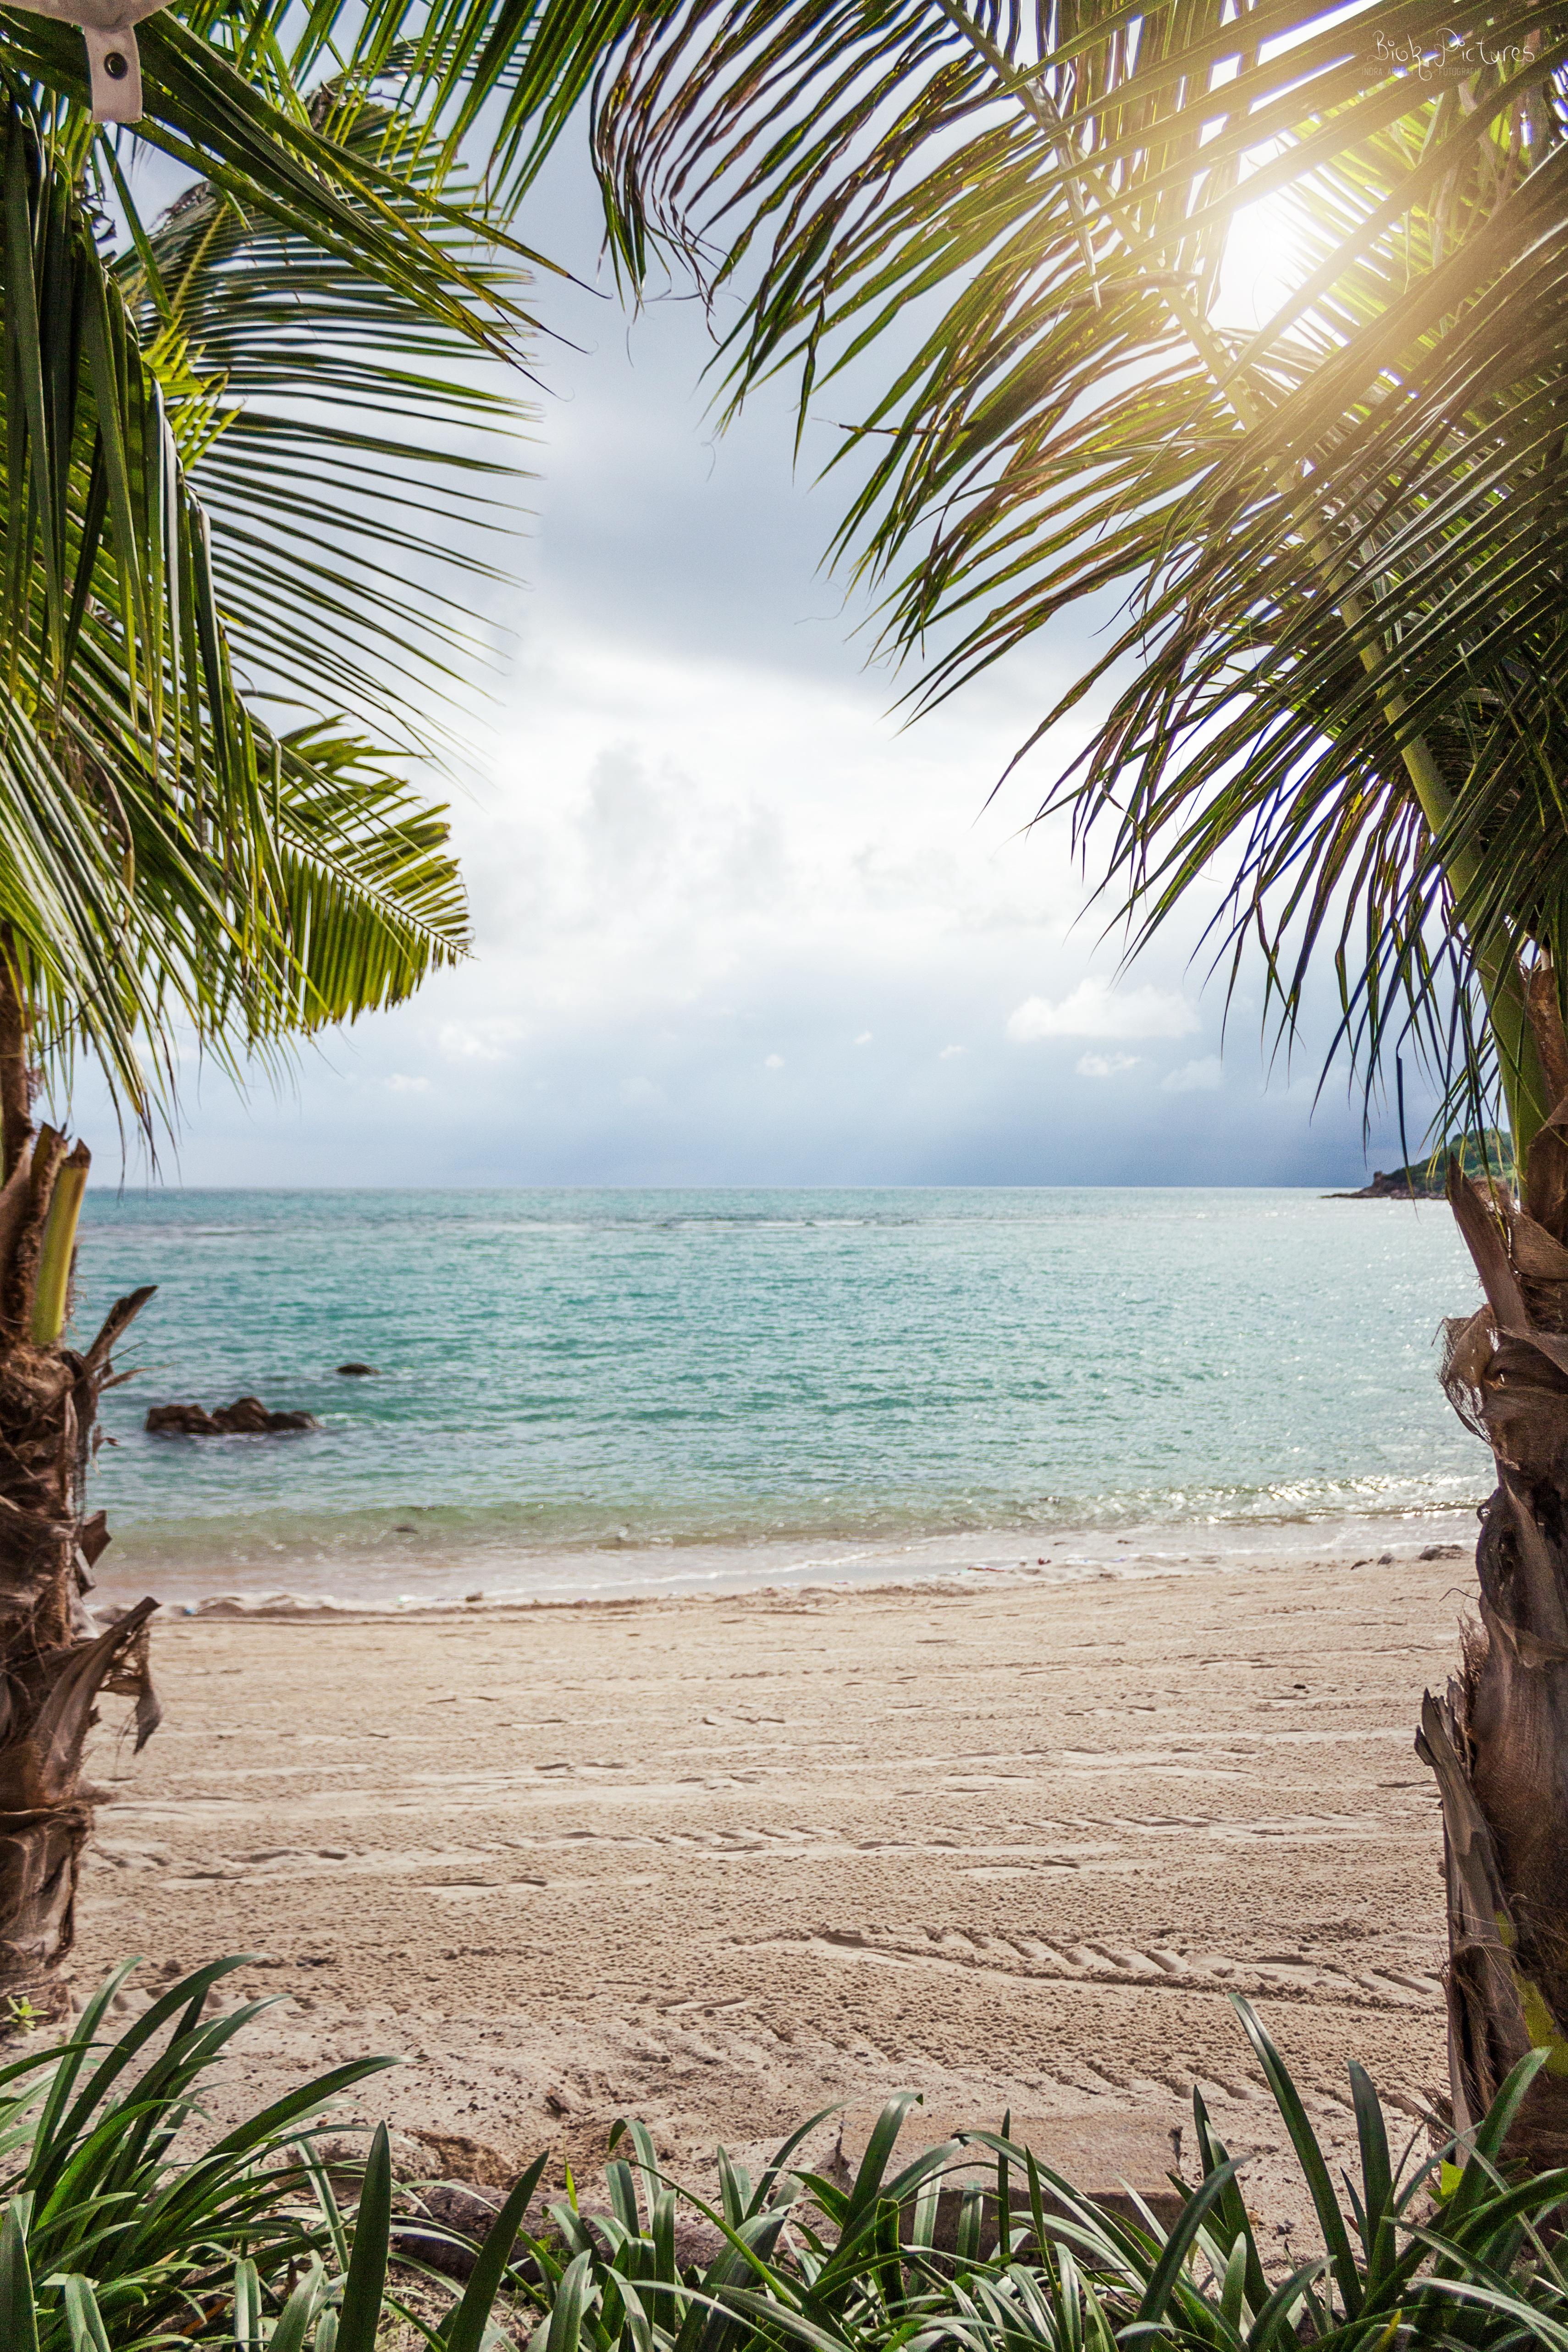 images gratuites plage paysage mer c te arbre la nature oc an plante soleil lumi re. Black Bedroom Furniture Sets. Home Design Ideas